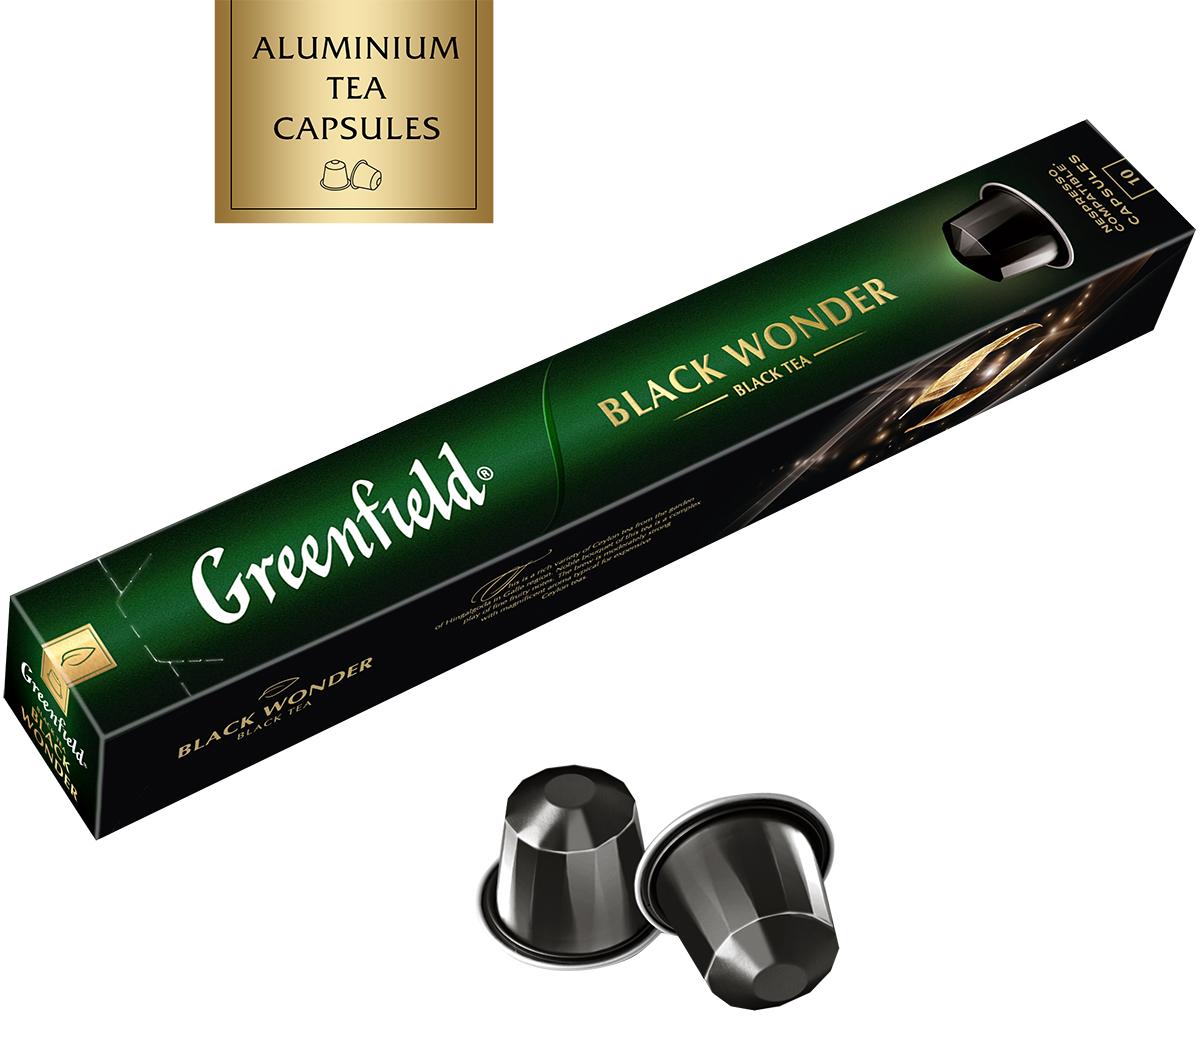 Greenfield Black Wonder черный чай в алюминиевых капсулах, 10 шт по 2,5 г greenfield barberry garden черный листовой чай 100 г